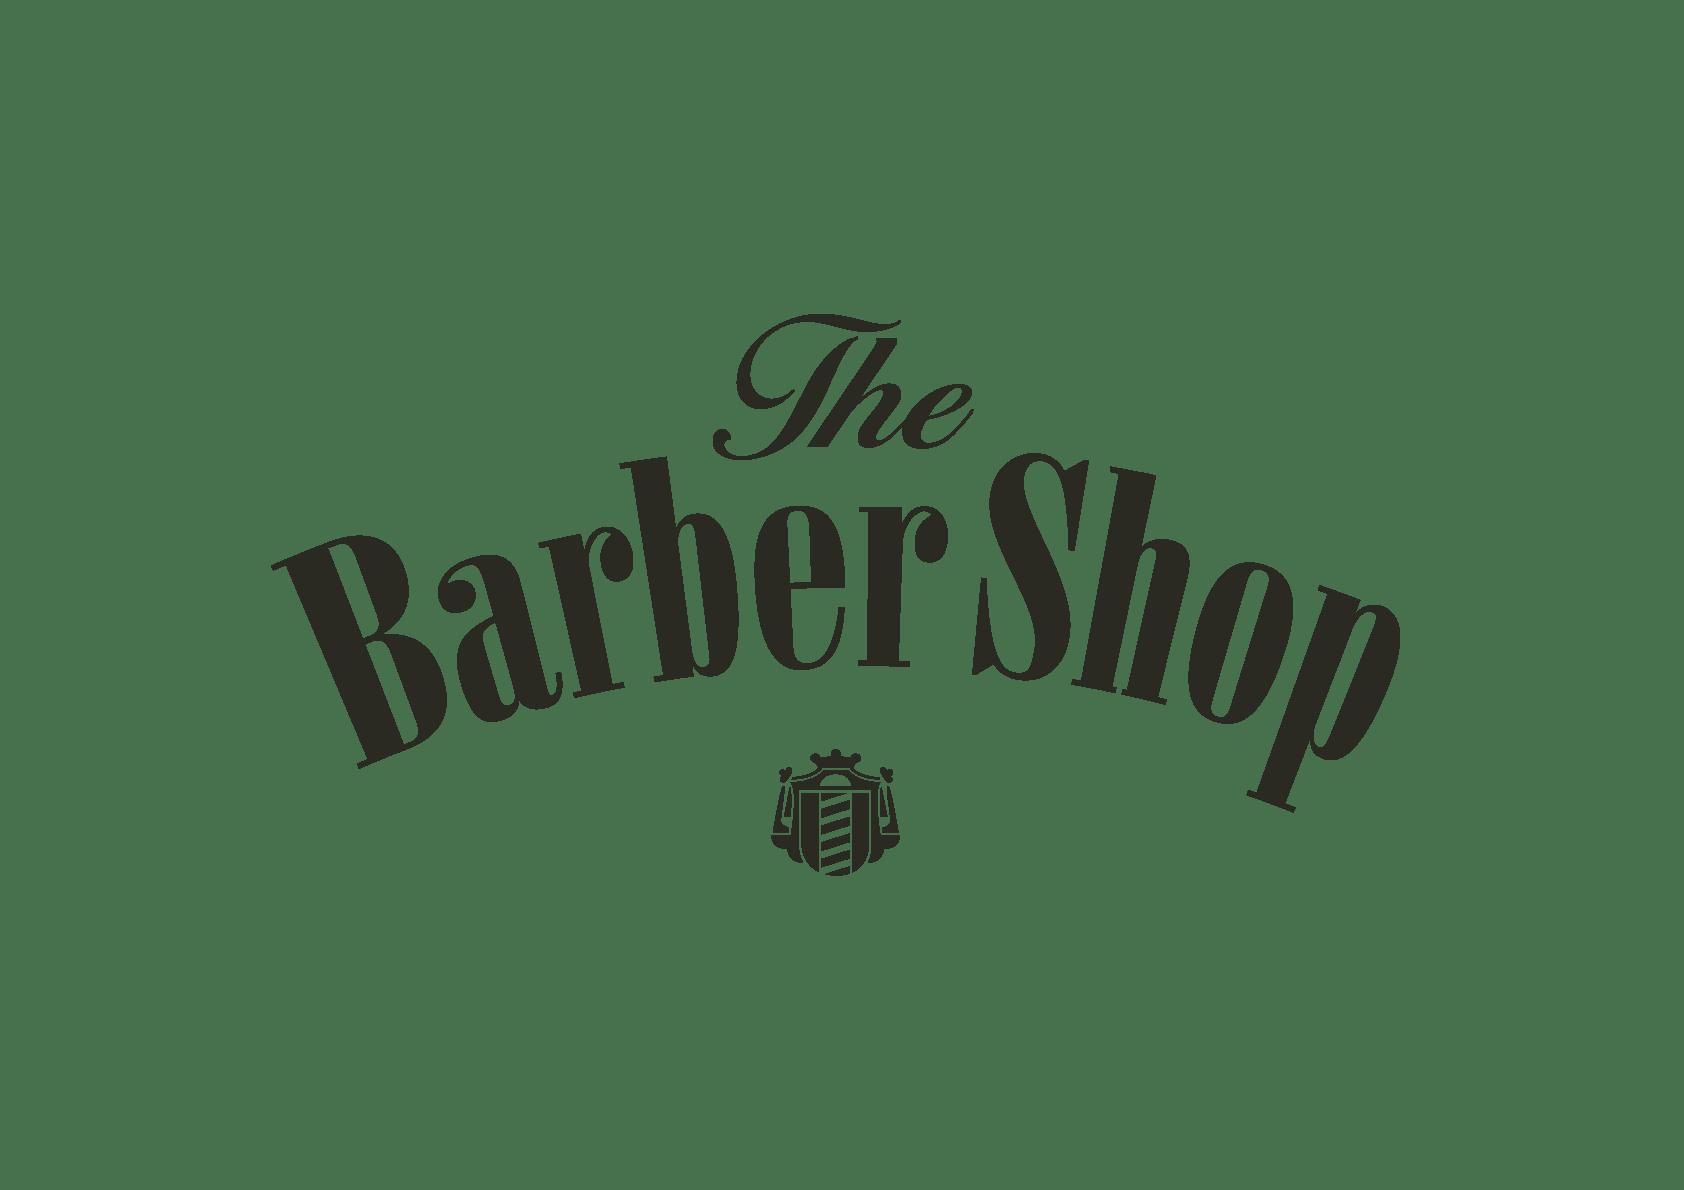 The-Barber-Shop-logo-(black)